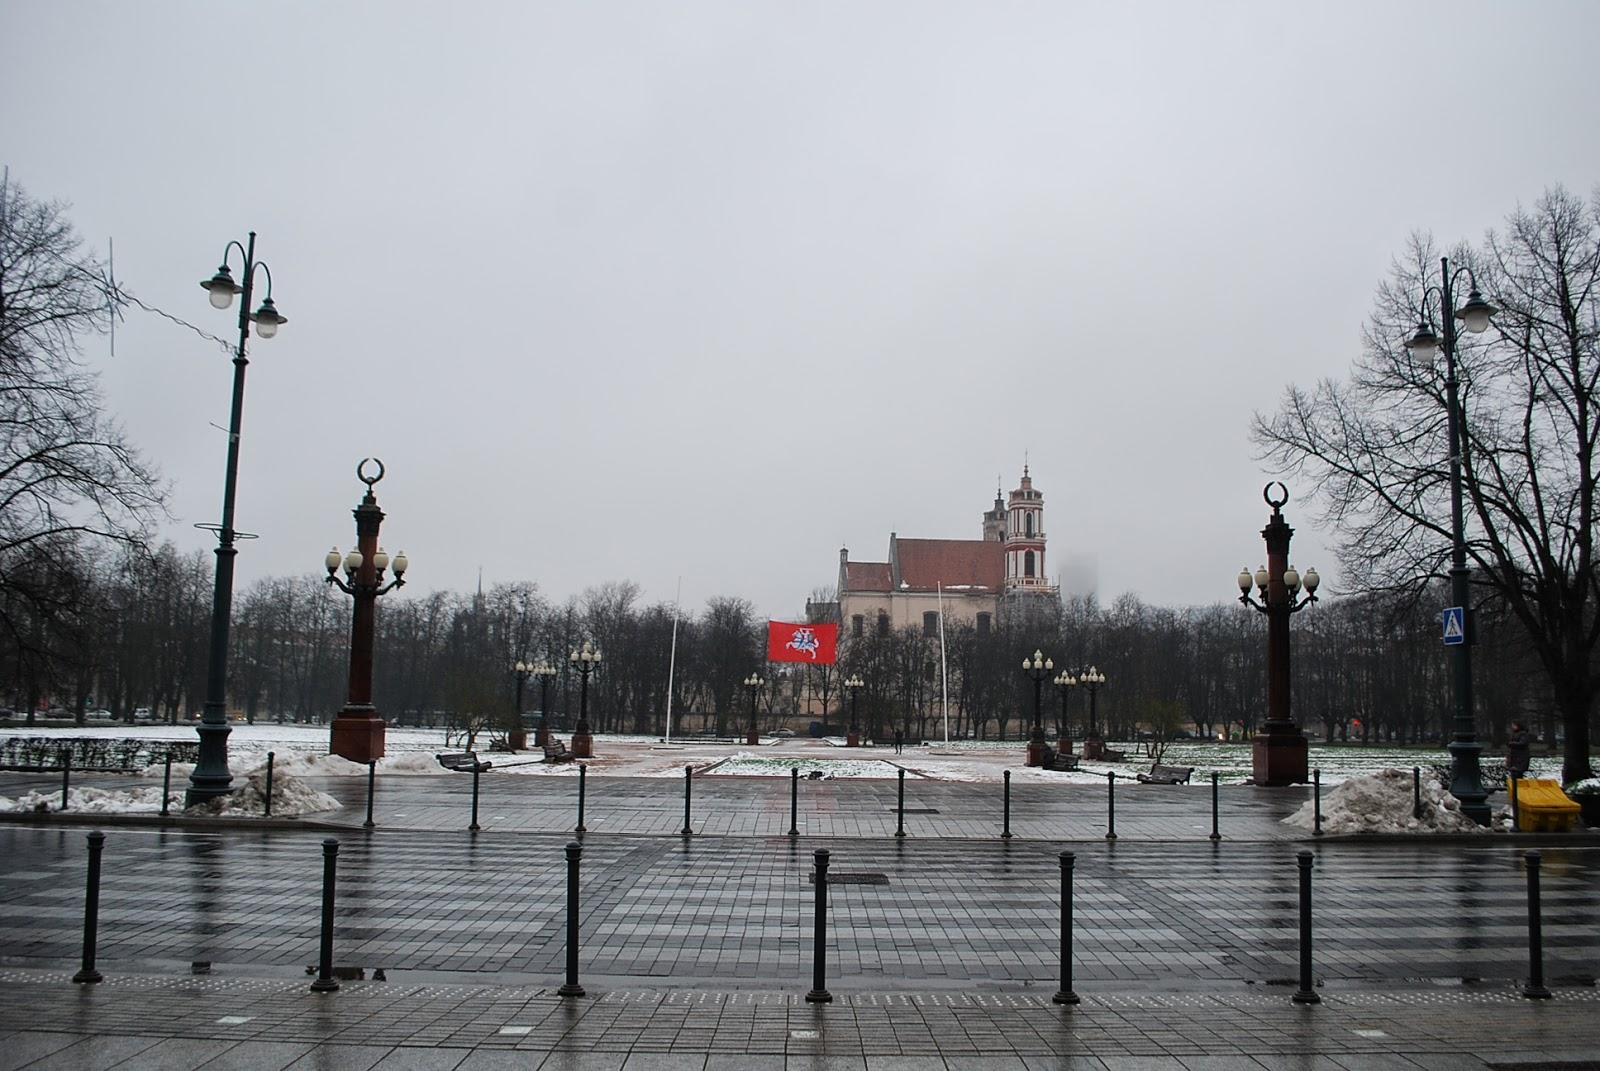 Площадь Лукишкес у музея КГБ